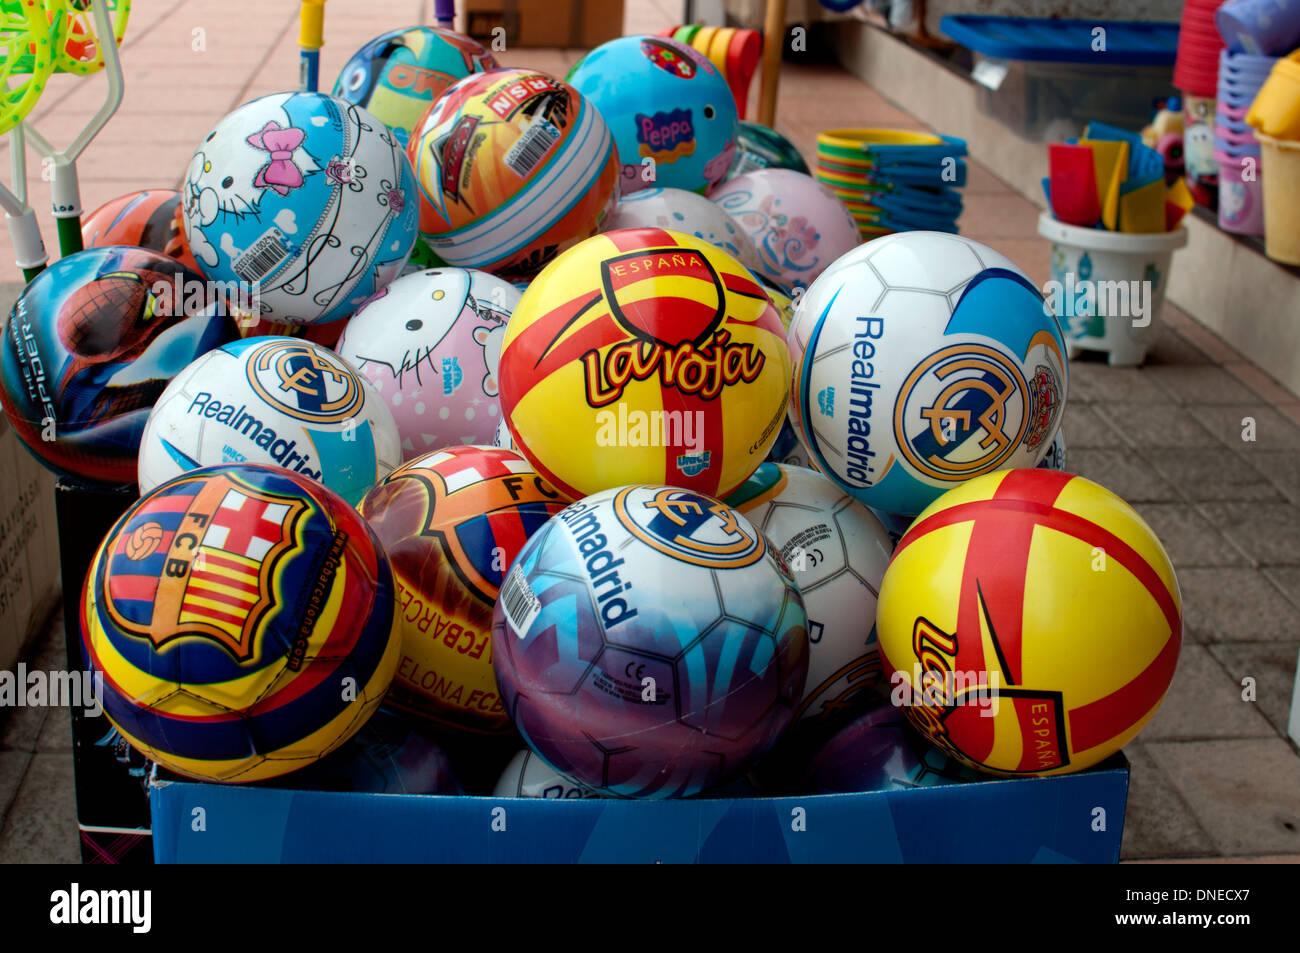 Ballons en plastique en vente, Morro del Jable, Fuerteventura, Îles Canaries, Espagne. Banque D'Images